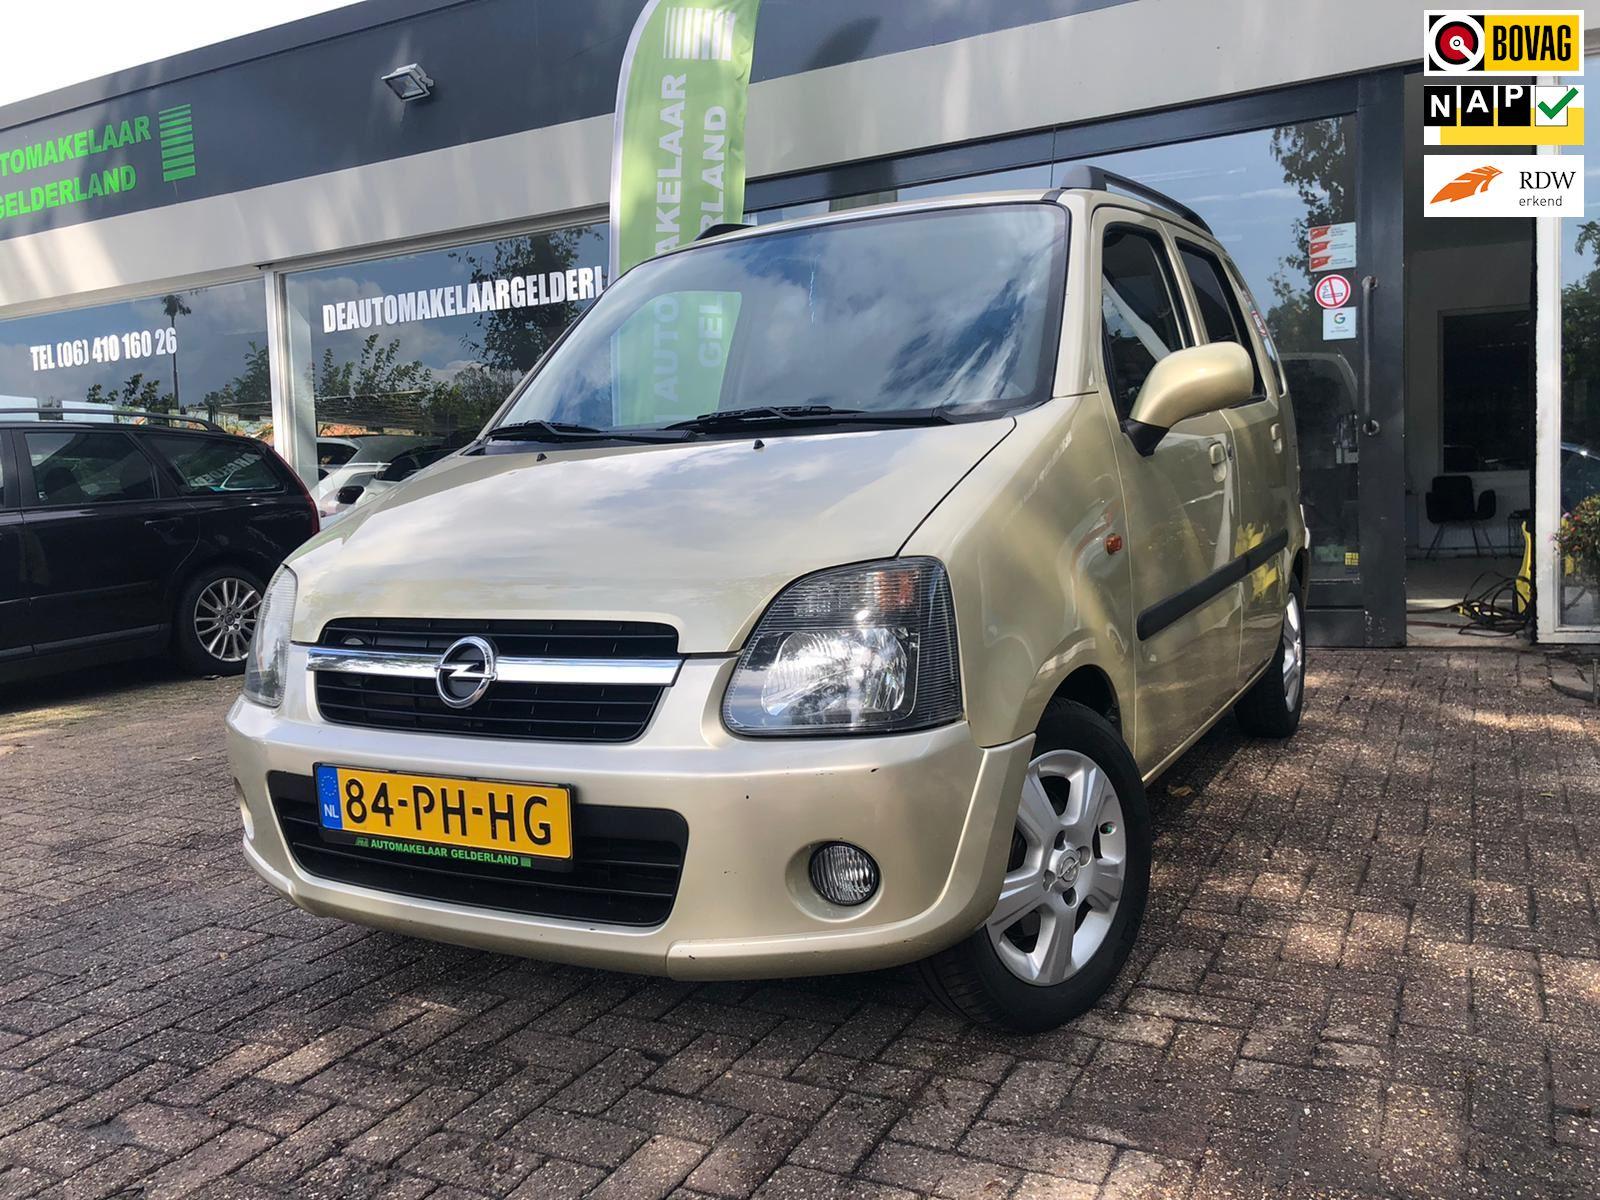 Opel Agila occasion - De Automakelaar Gelderland